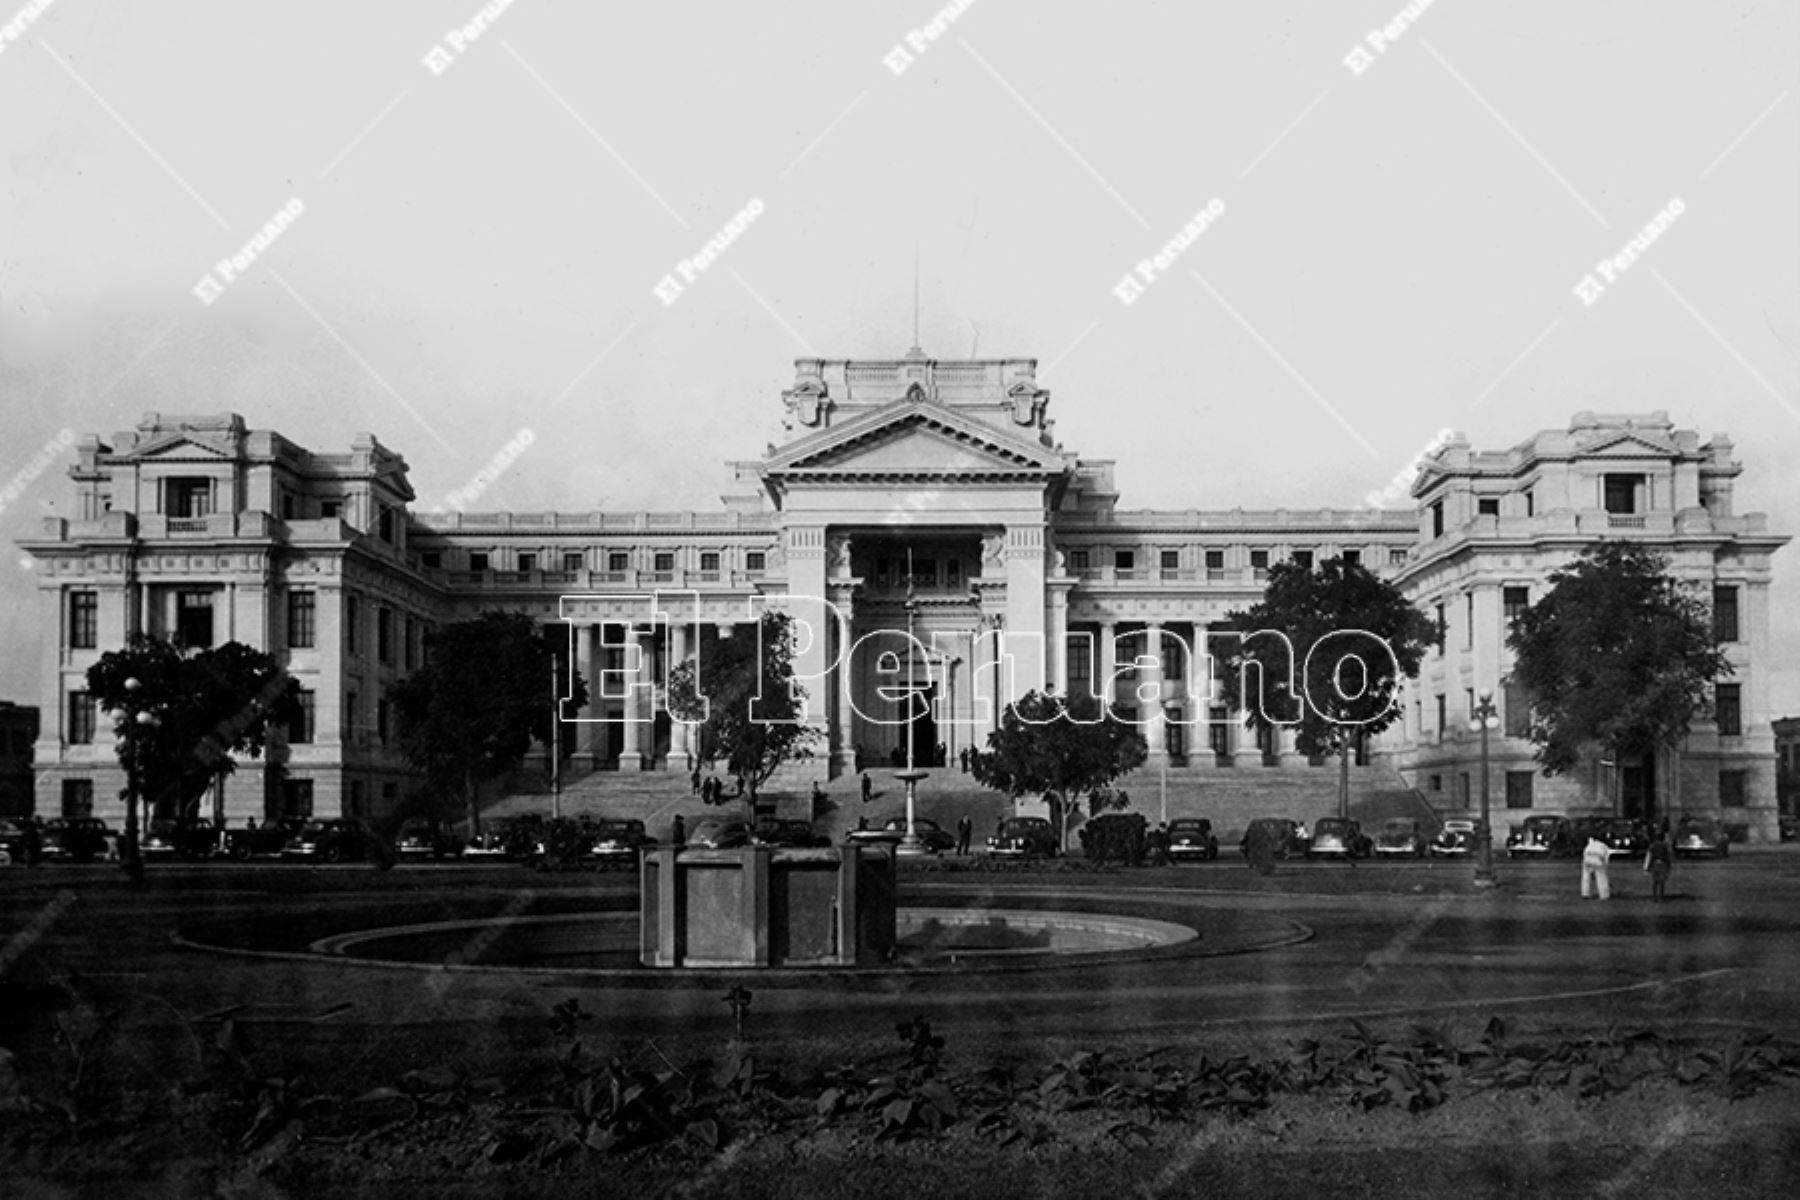 Palacio de Justicia, sede del Poder Judicial, en el Paseo de los Héroes Navales (1940).  Foto: Archivo Histórico de El Peruano